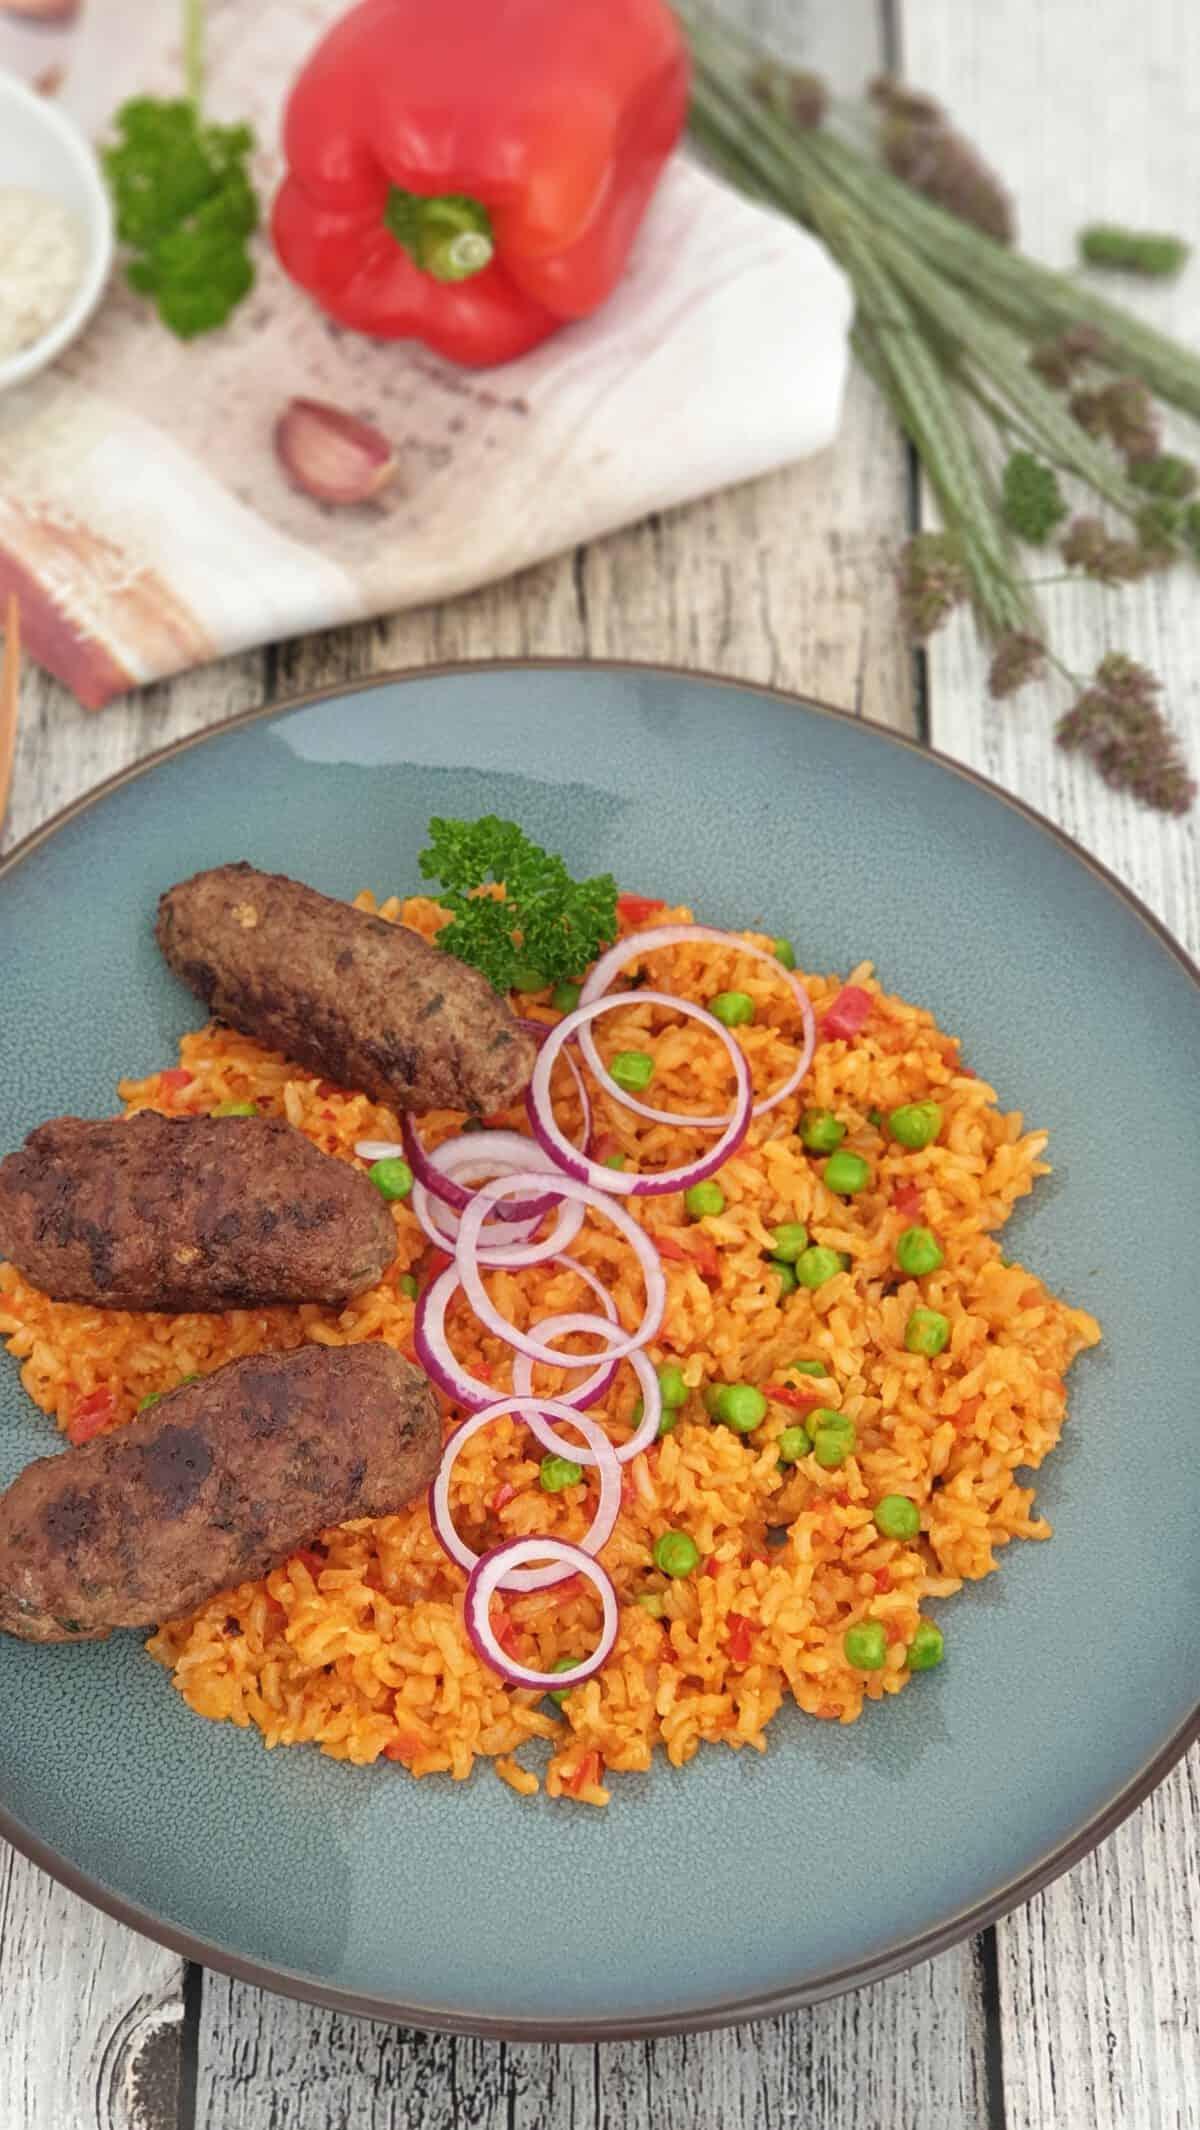 Auf einem blauen Teller Cevapcici mit Djuveč-Reis. Mit roten Zwiebelringen garniert. Im Hintergrund Deko.